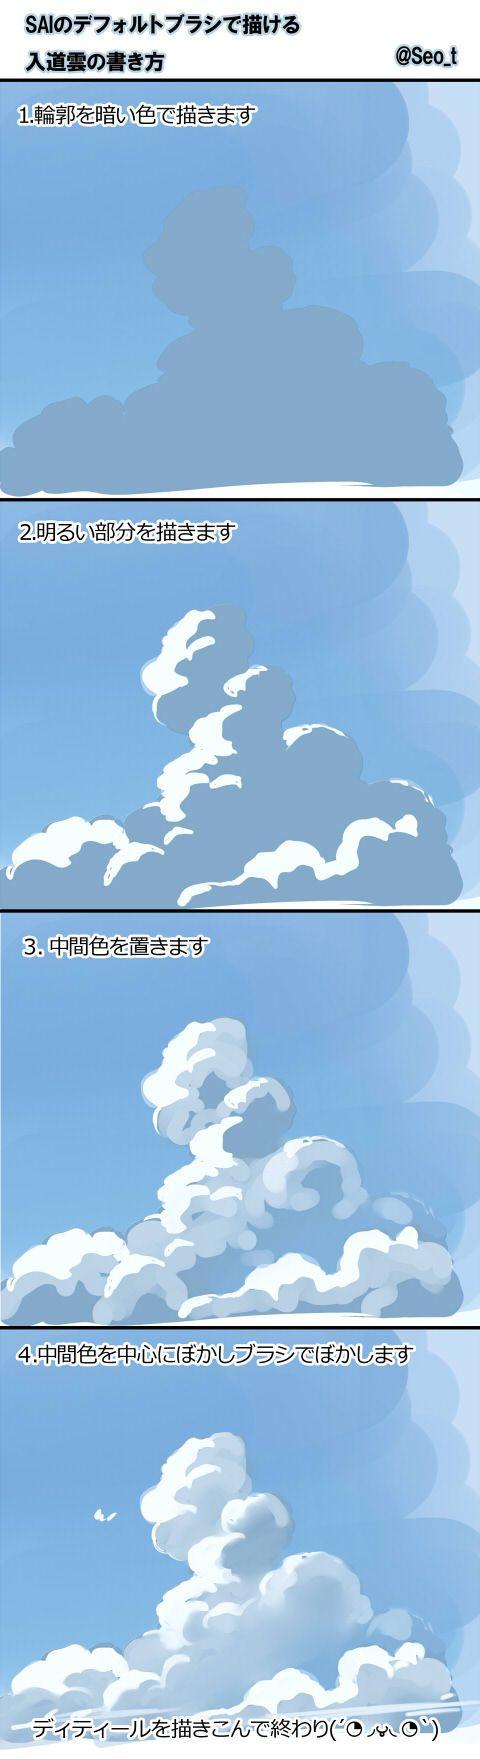 「背景講座まとめ(´◔◞౪◟◔`)」/「...